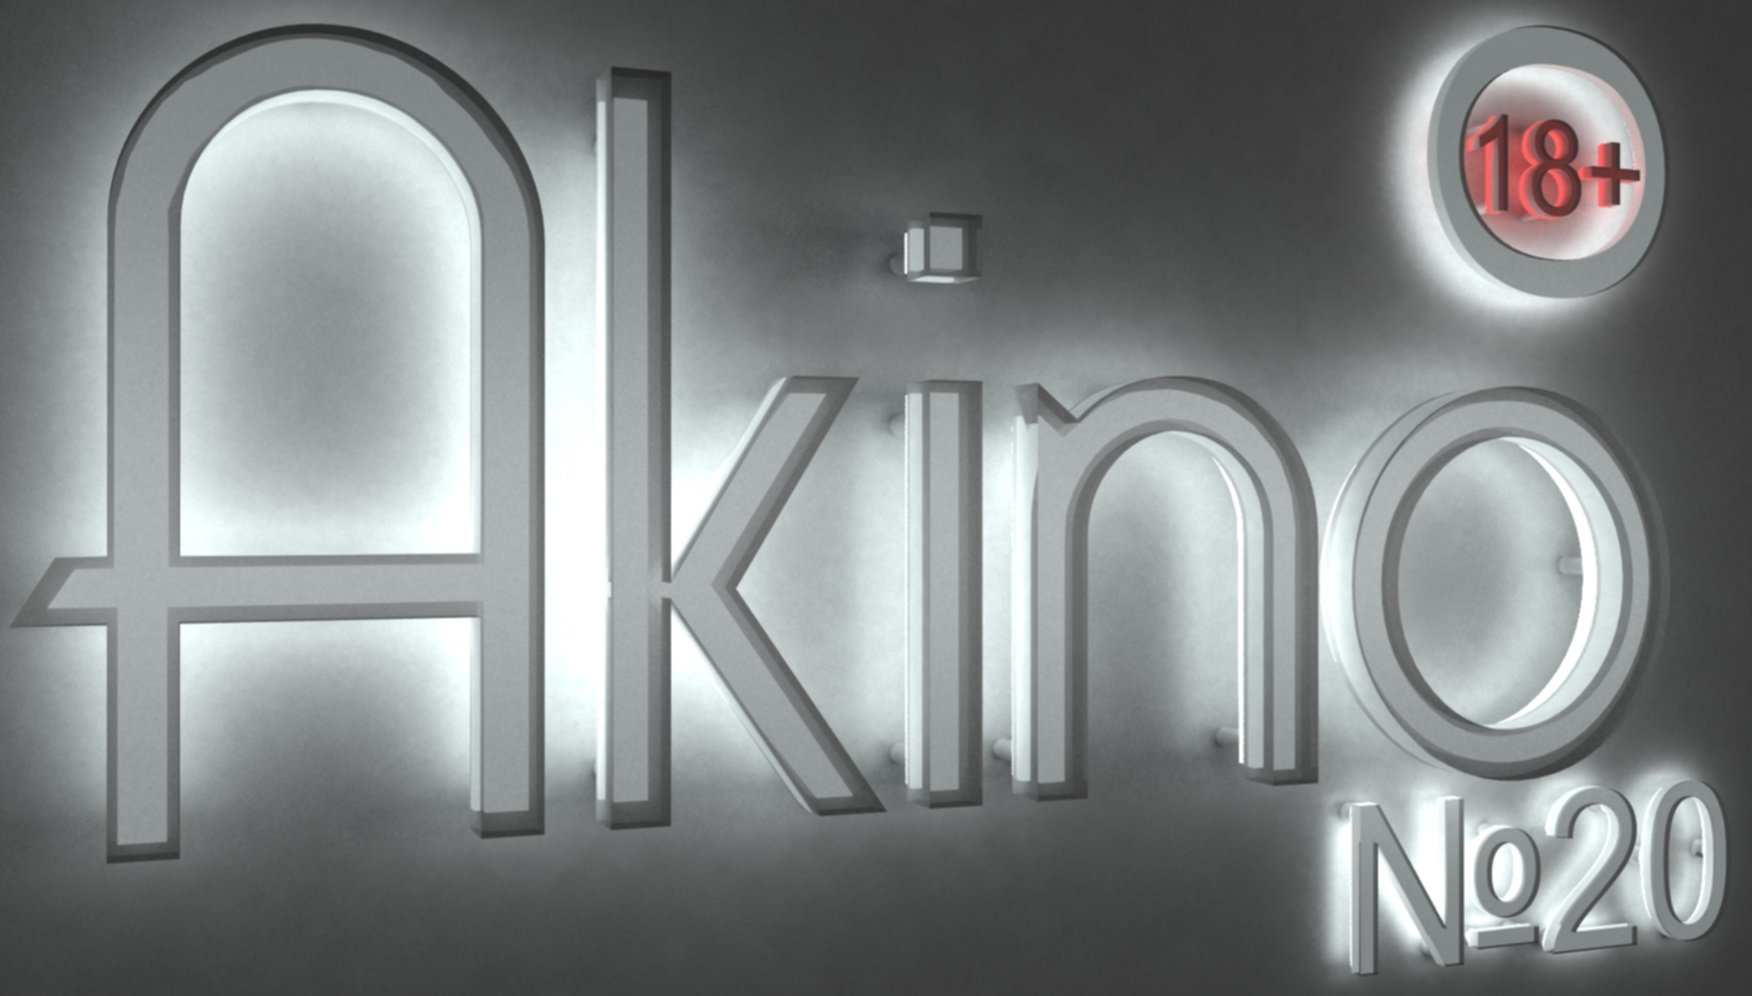 Подкаст AkiNO Выпуск № 20 (18+). - Изображение 1